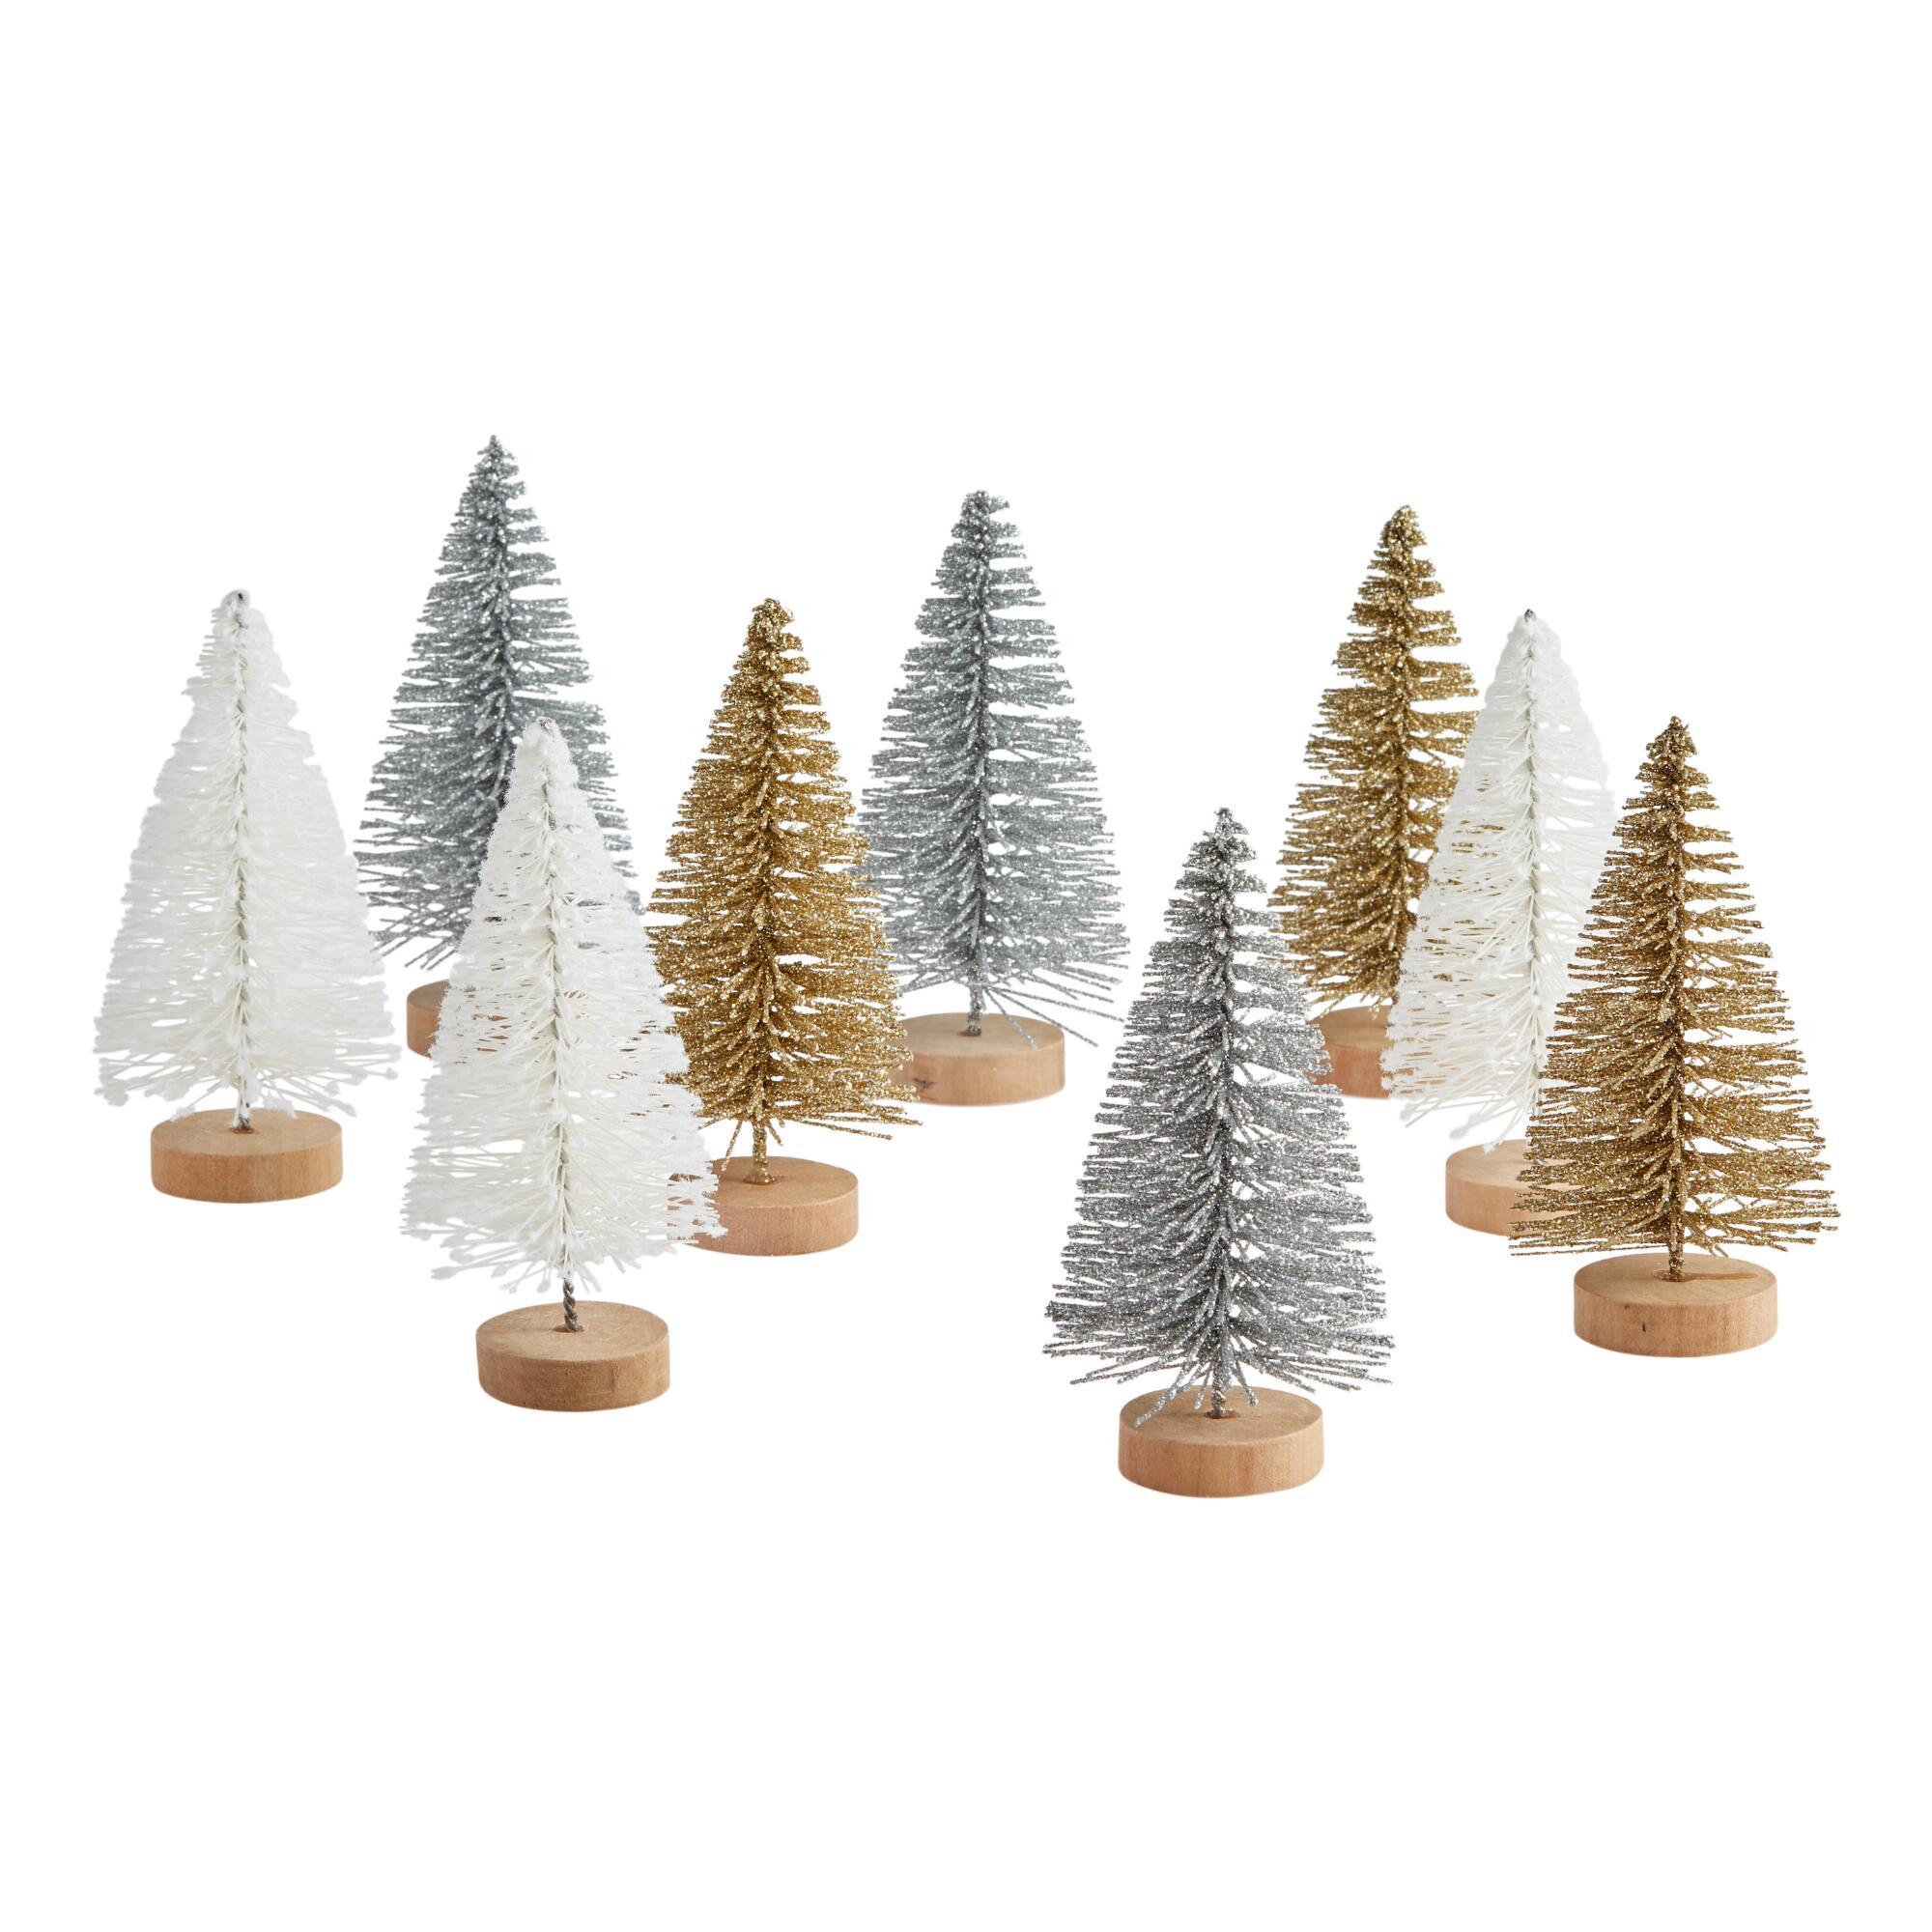 3 Pack Winter Bottlebrush Trees Set Of 3 $23.97